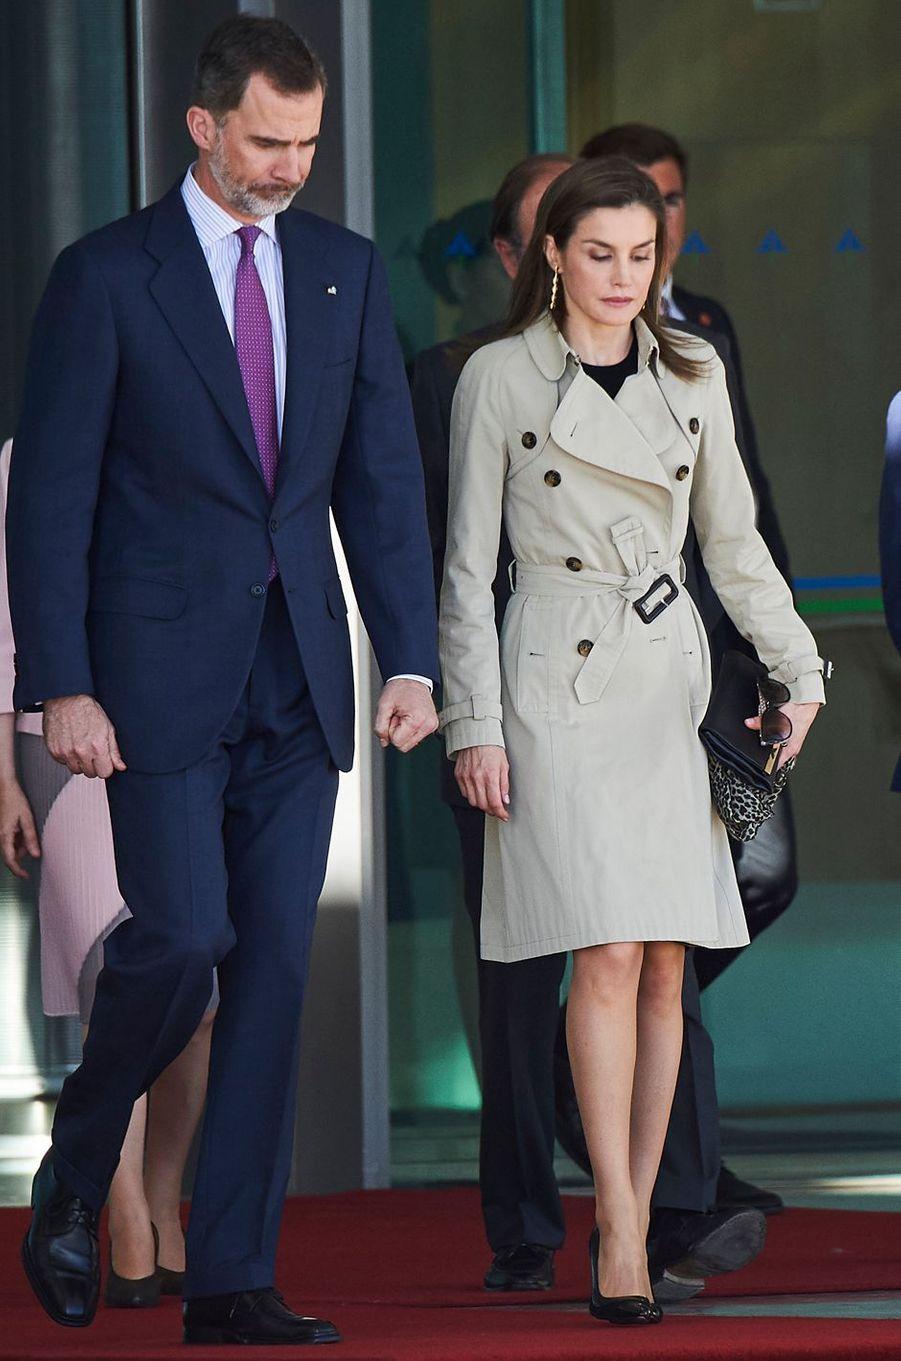 La reine Letizia d'Espagne à son départ de Madrid pour le Japon, le 3 avril 2017